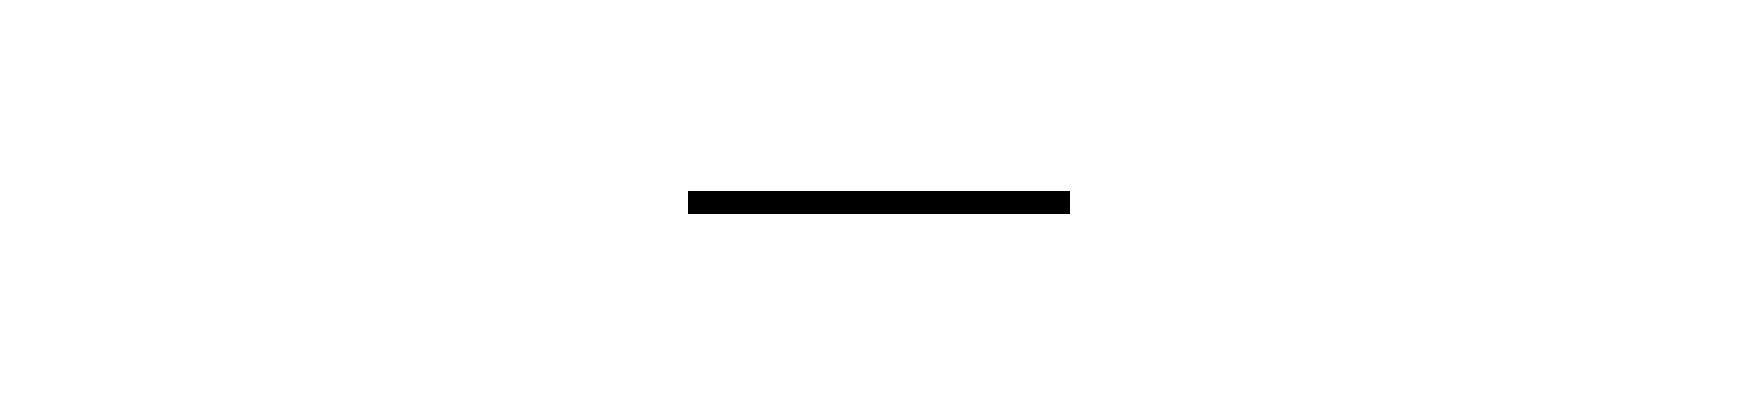 BiltokiRS-copie-26